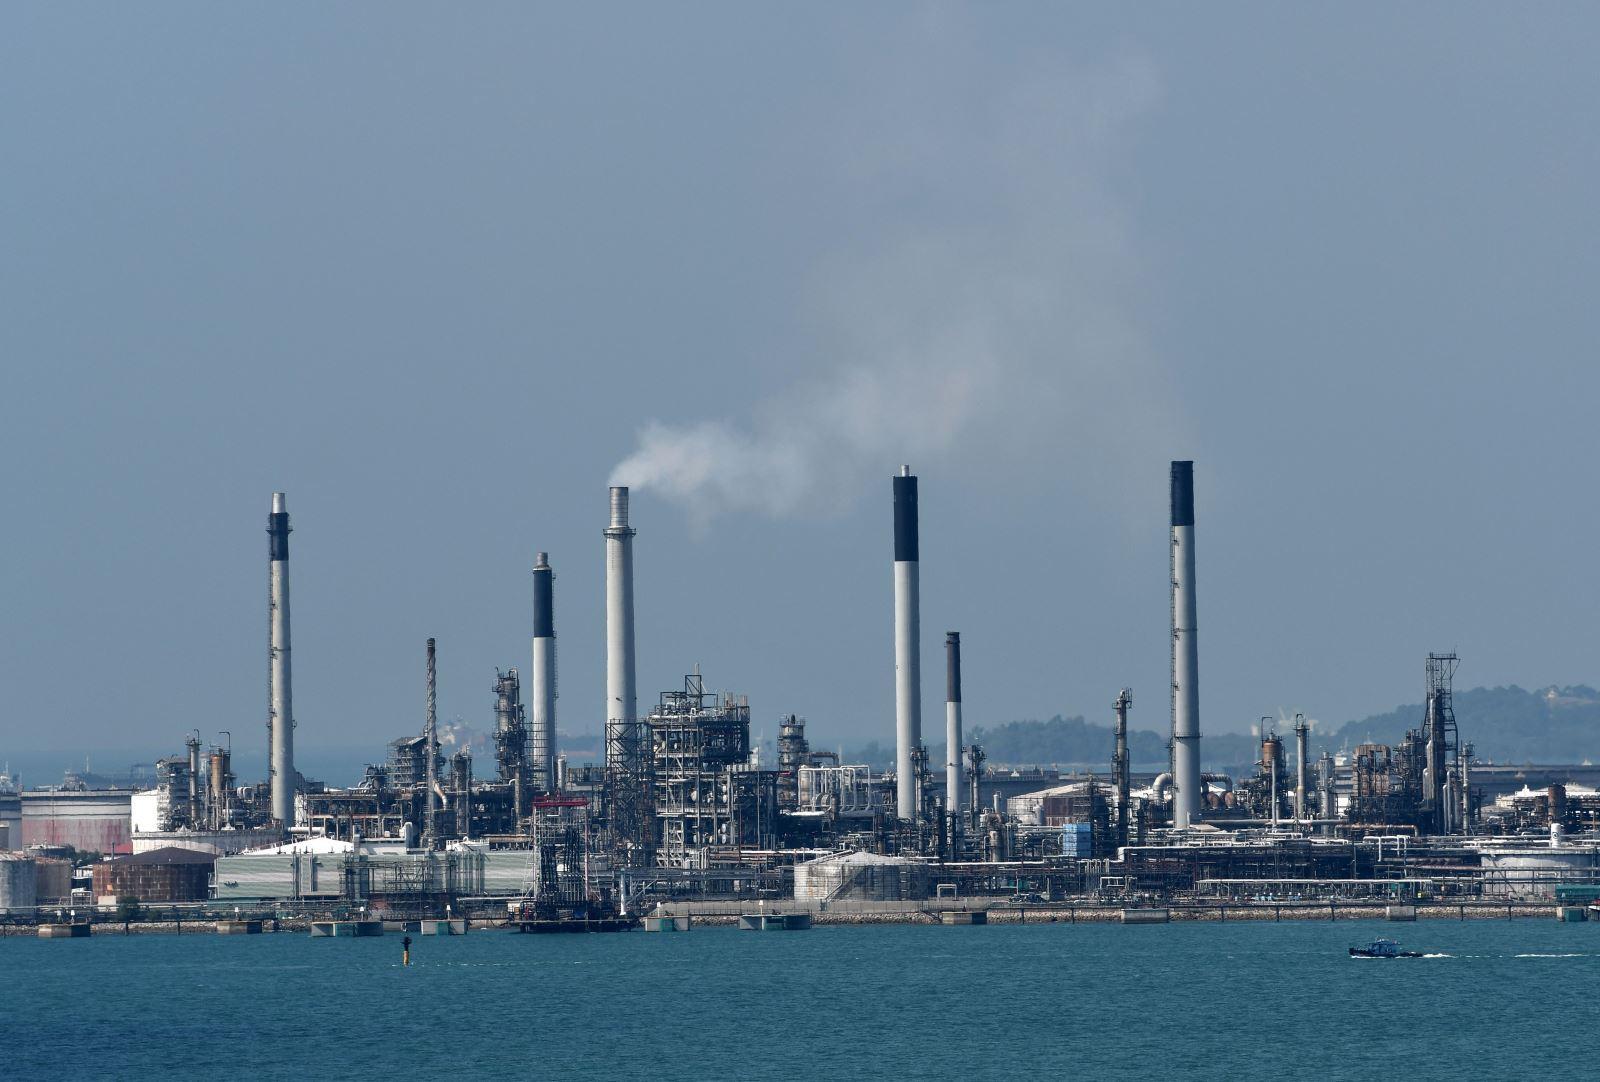 Chương tiếp theo của khủng hoảng dầu mỏ sẽ là đóng cửa Ảnh 2